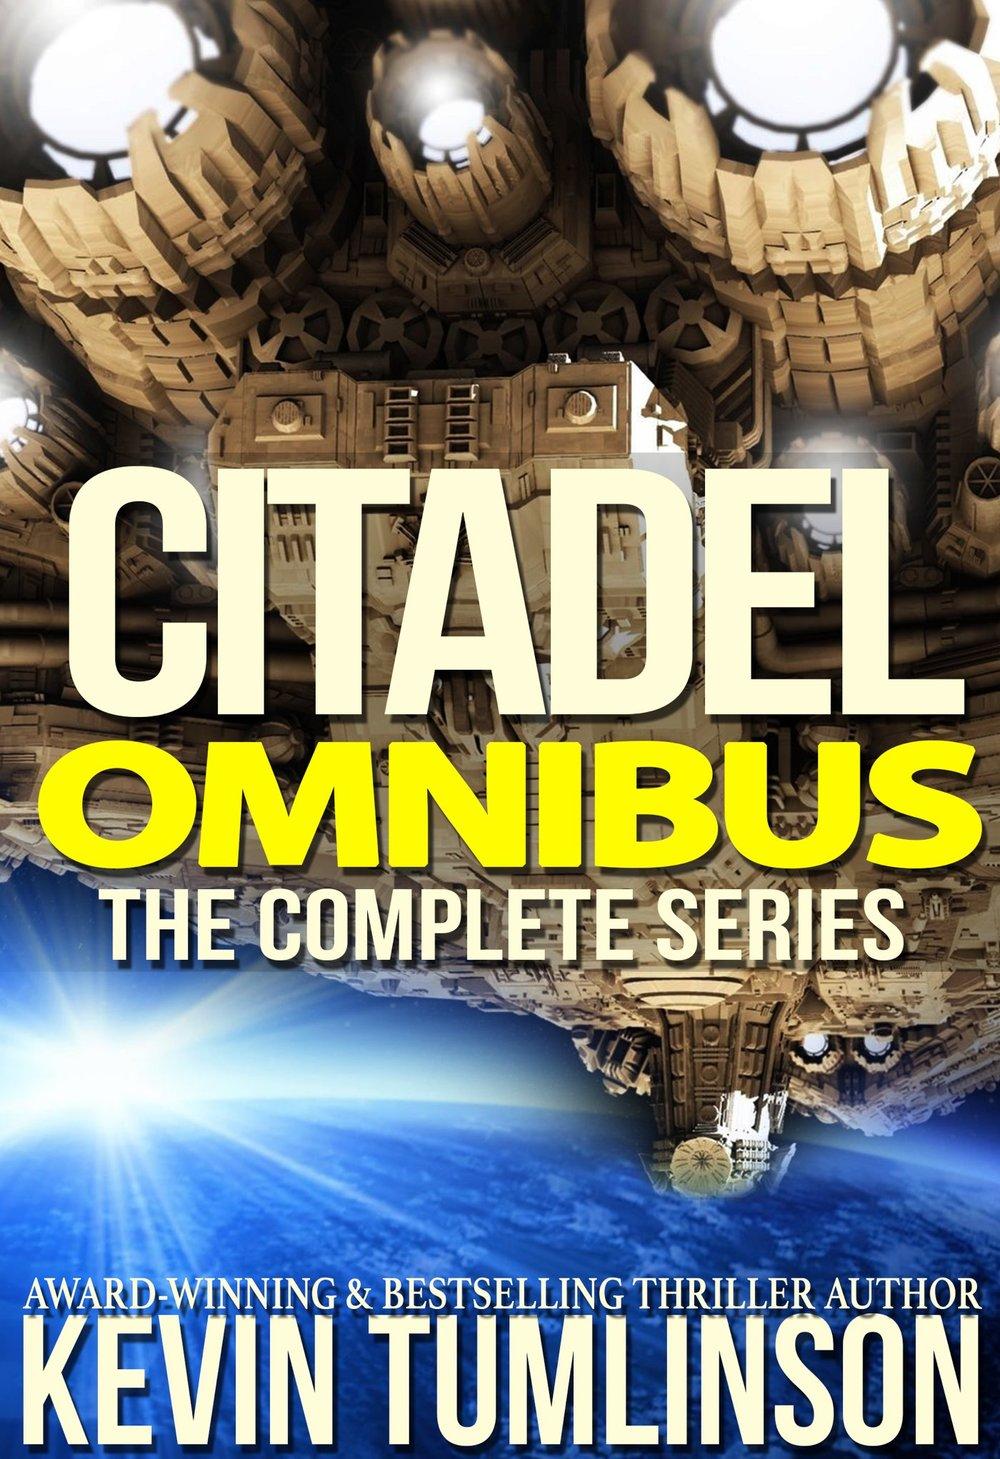 Citadel: Omnibus - THE COMPLETE SERIES